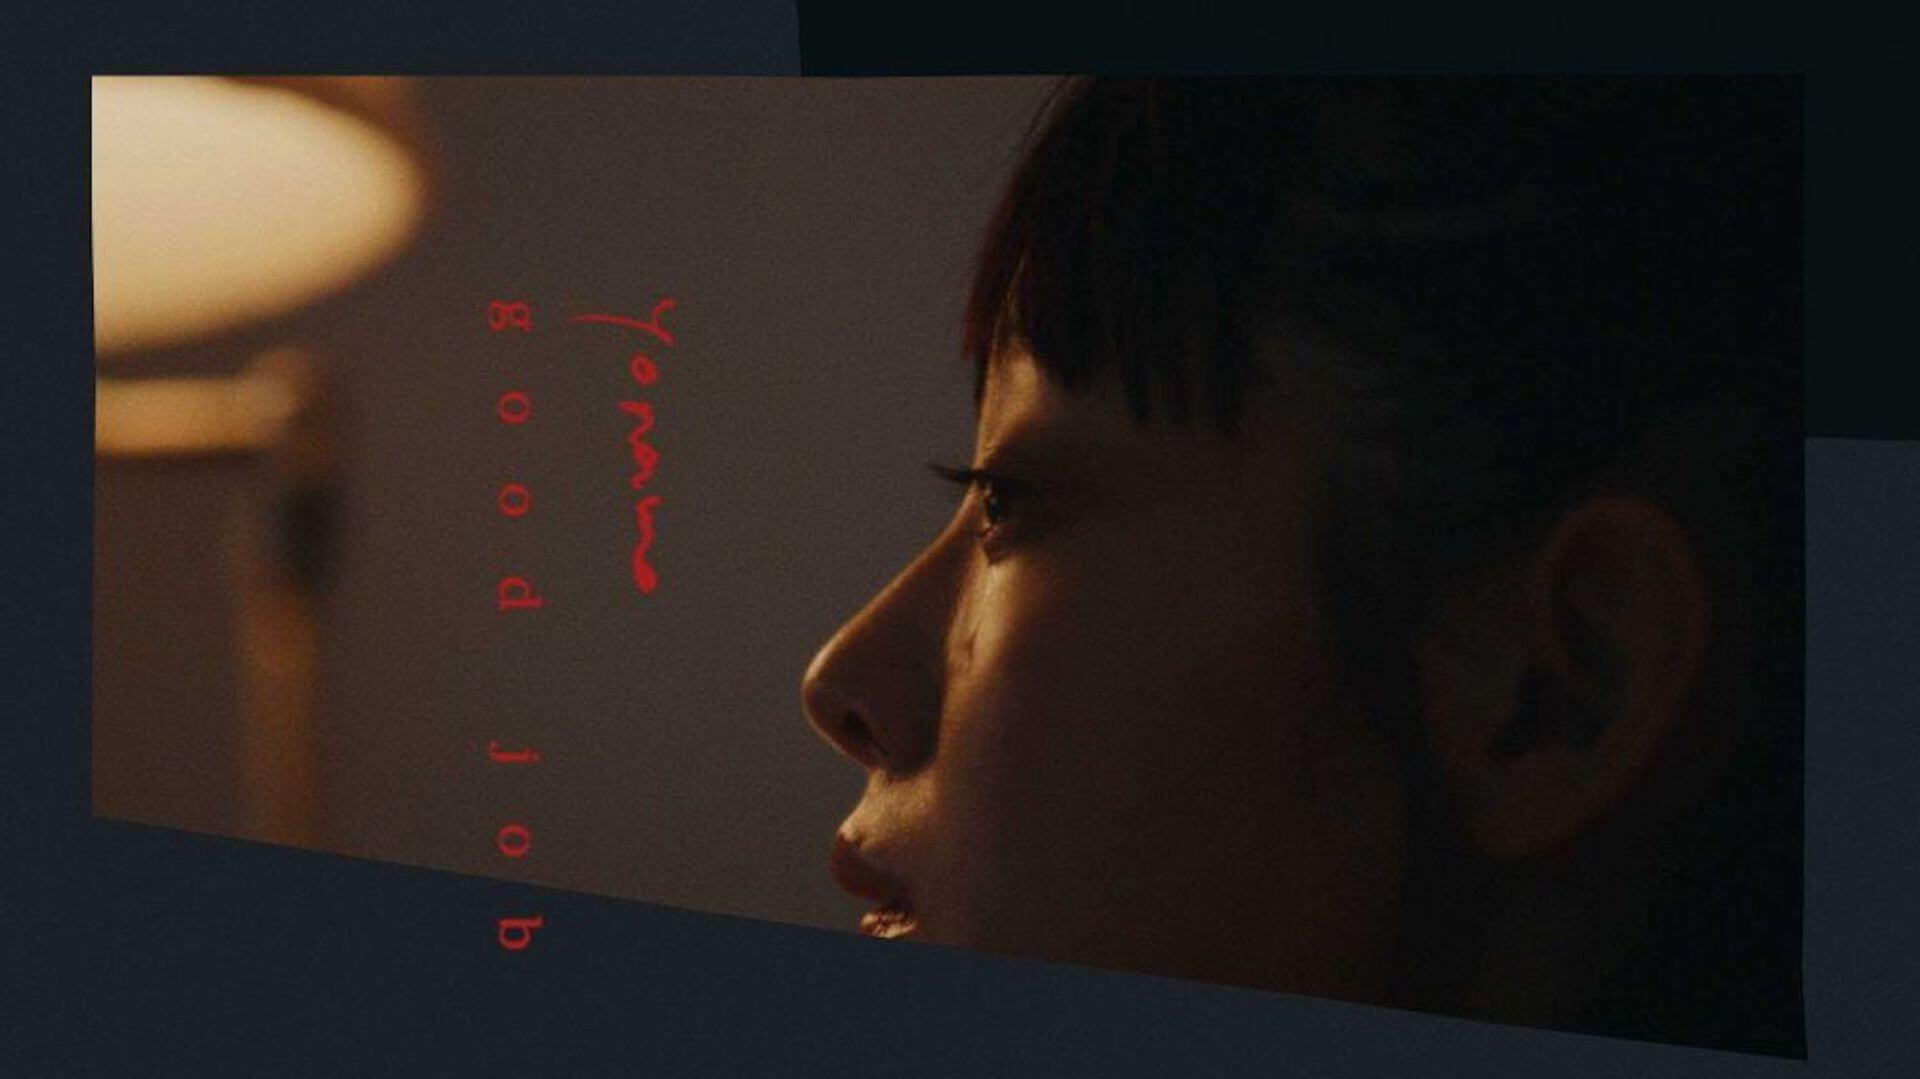 """yonawoがファーストアルバム『明日は当然来ないでしょ』収録曲""""good job""""のMV公開!アルバムリリースのツアーも全国で開催決定 music_2020930_yonawo4"""